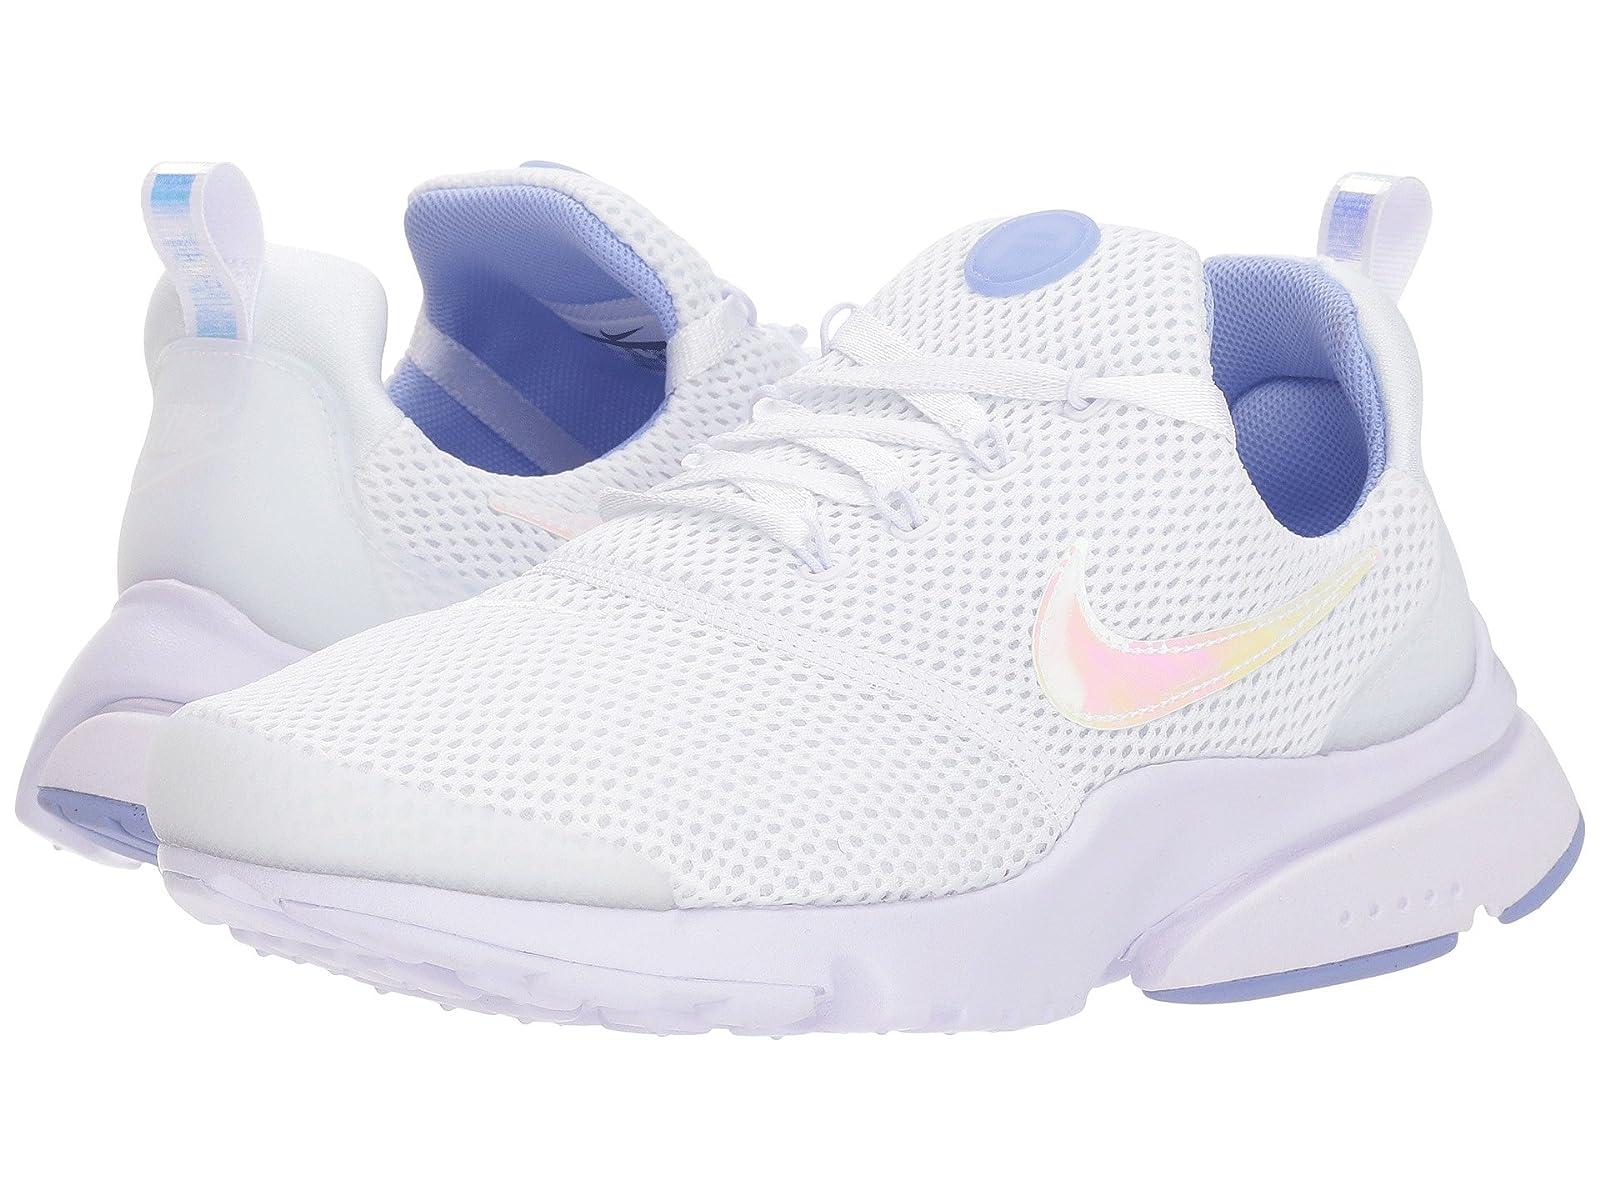 Nike Presto FlyAtmospheric grades have affordable shoes